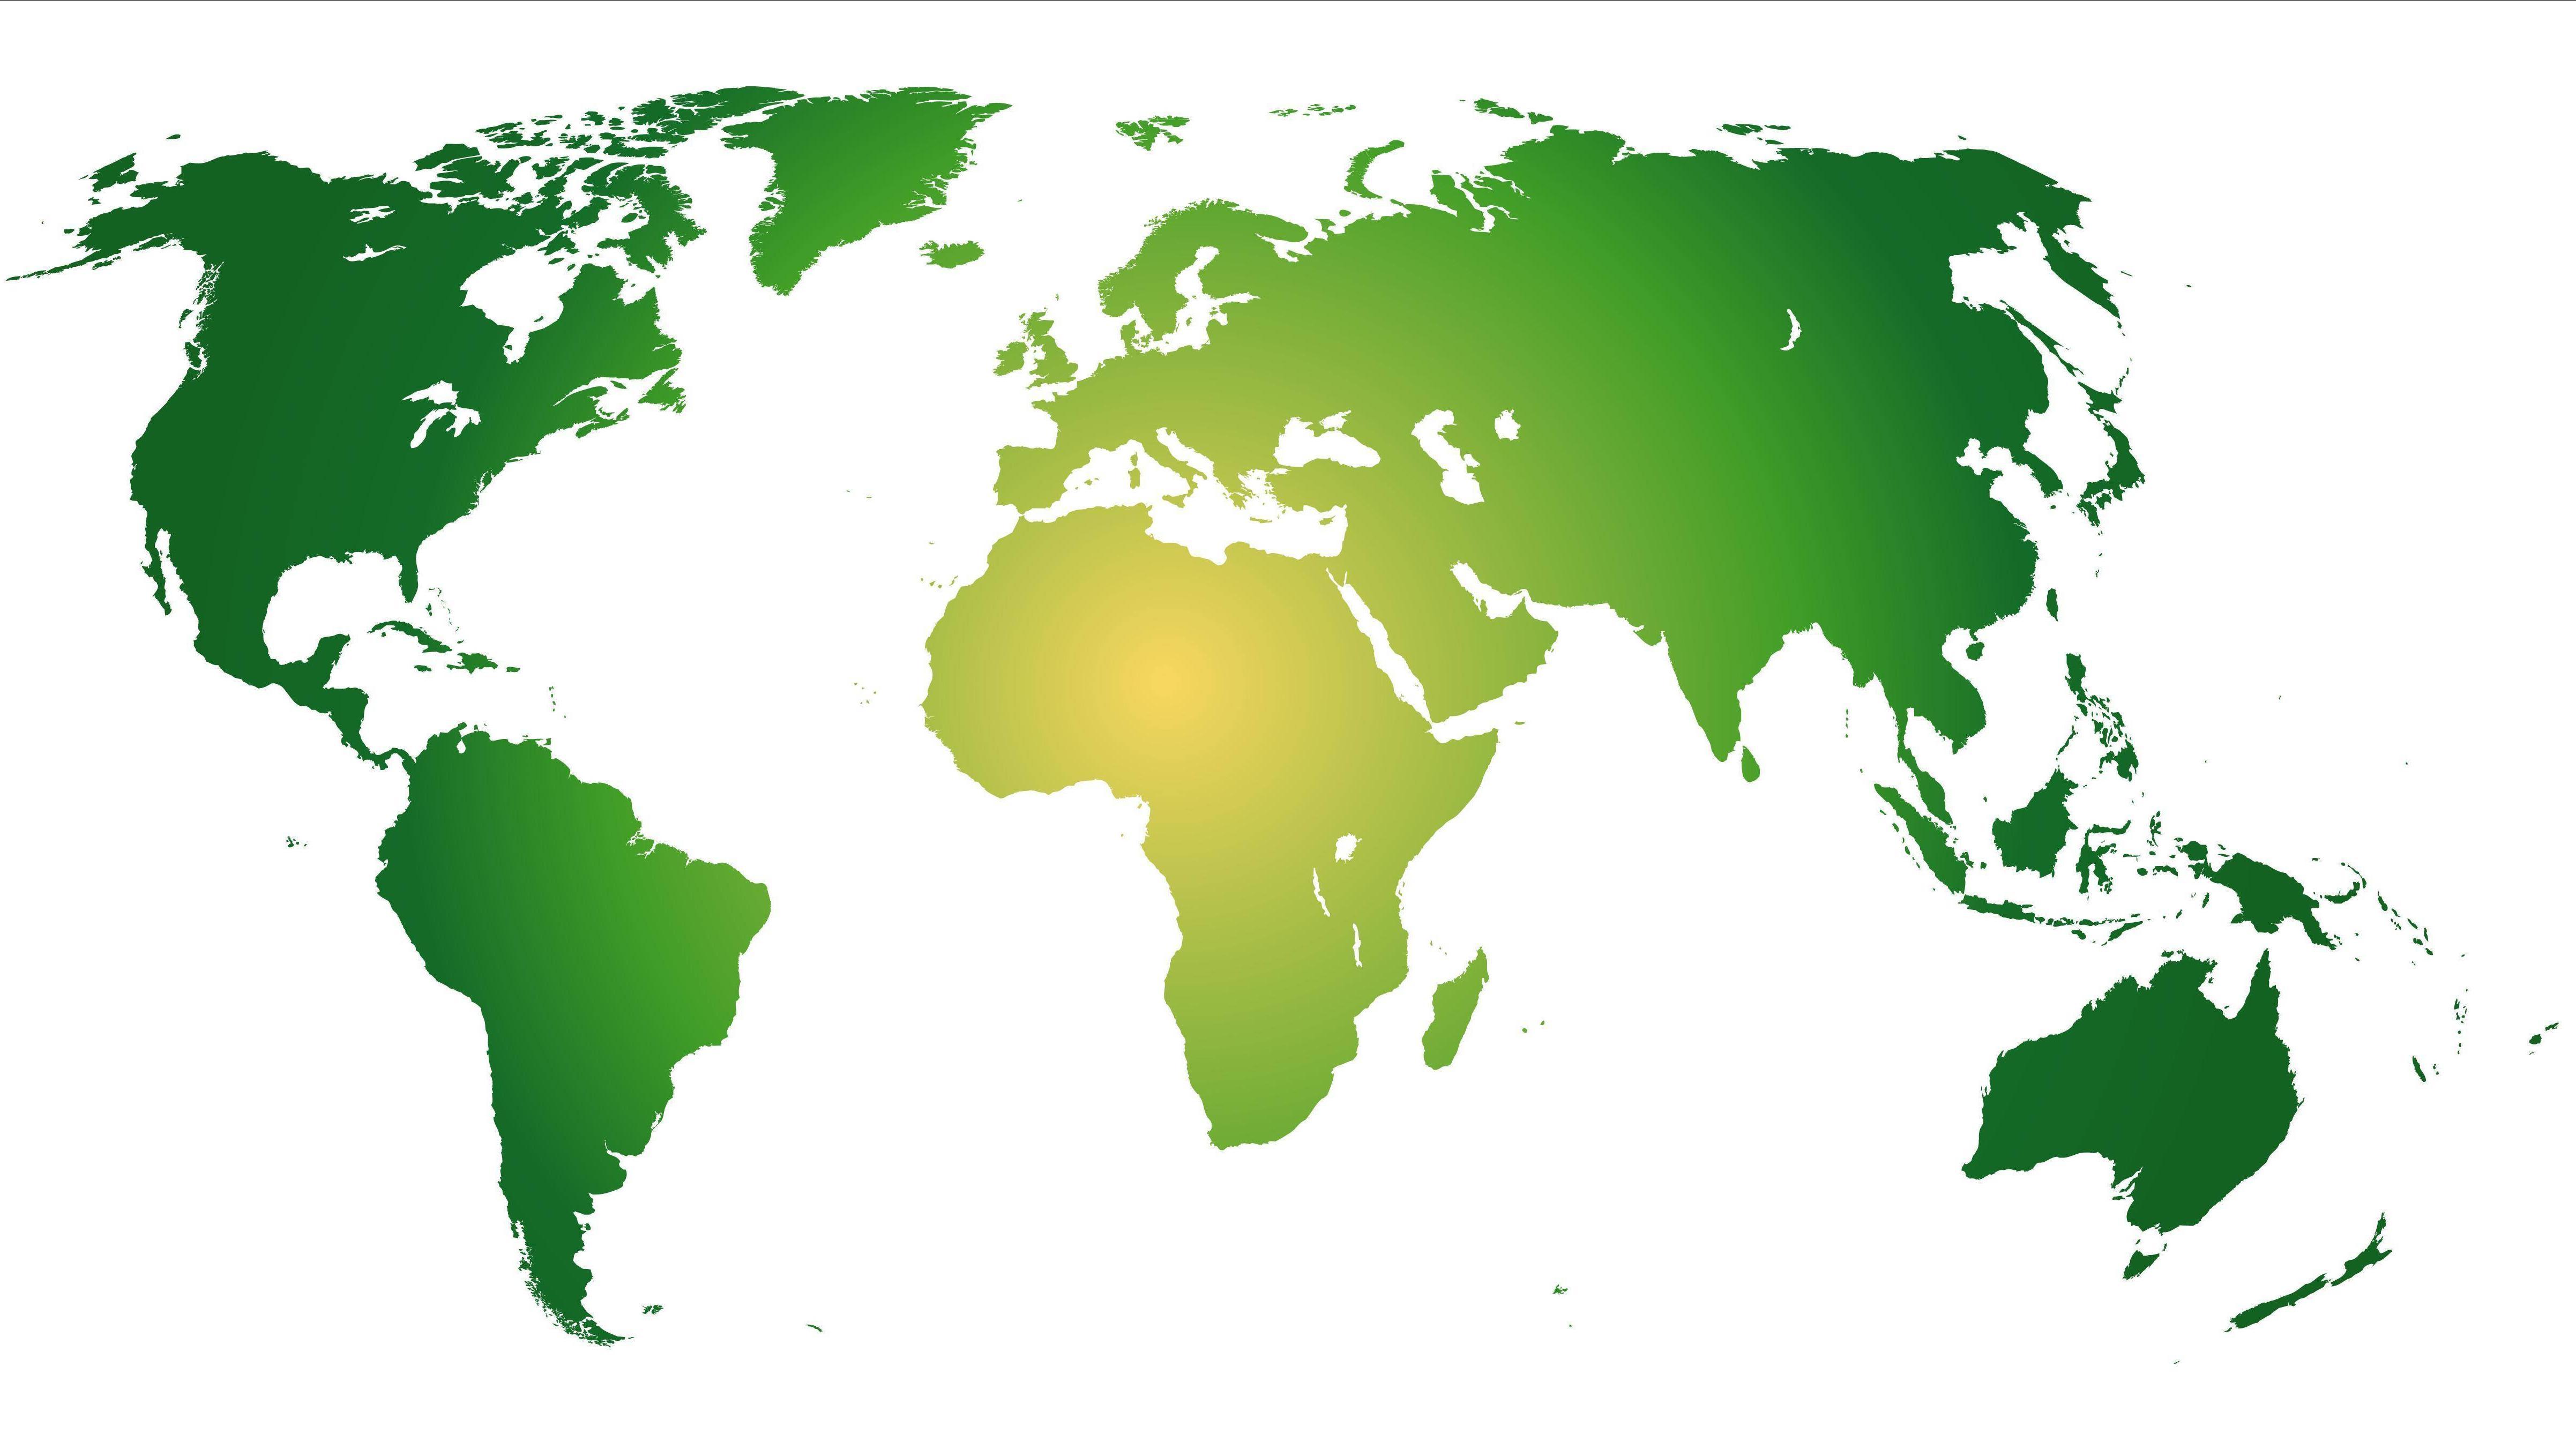 Klimazonen der Erde - einfach erklärt